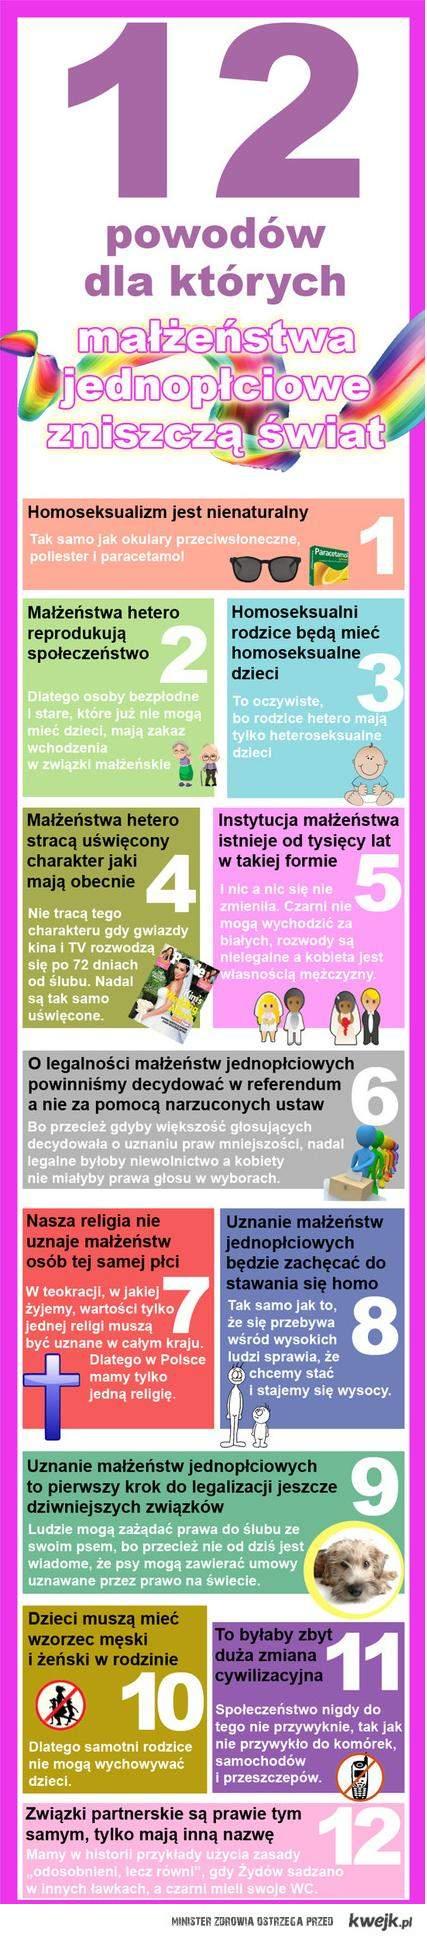 12 powodów dla małżeństwa